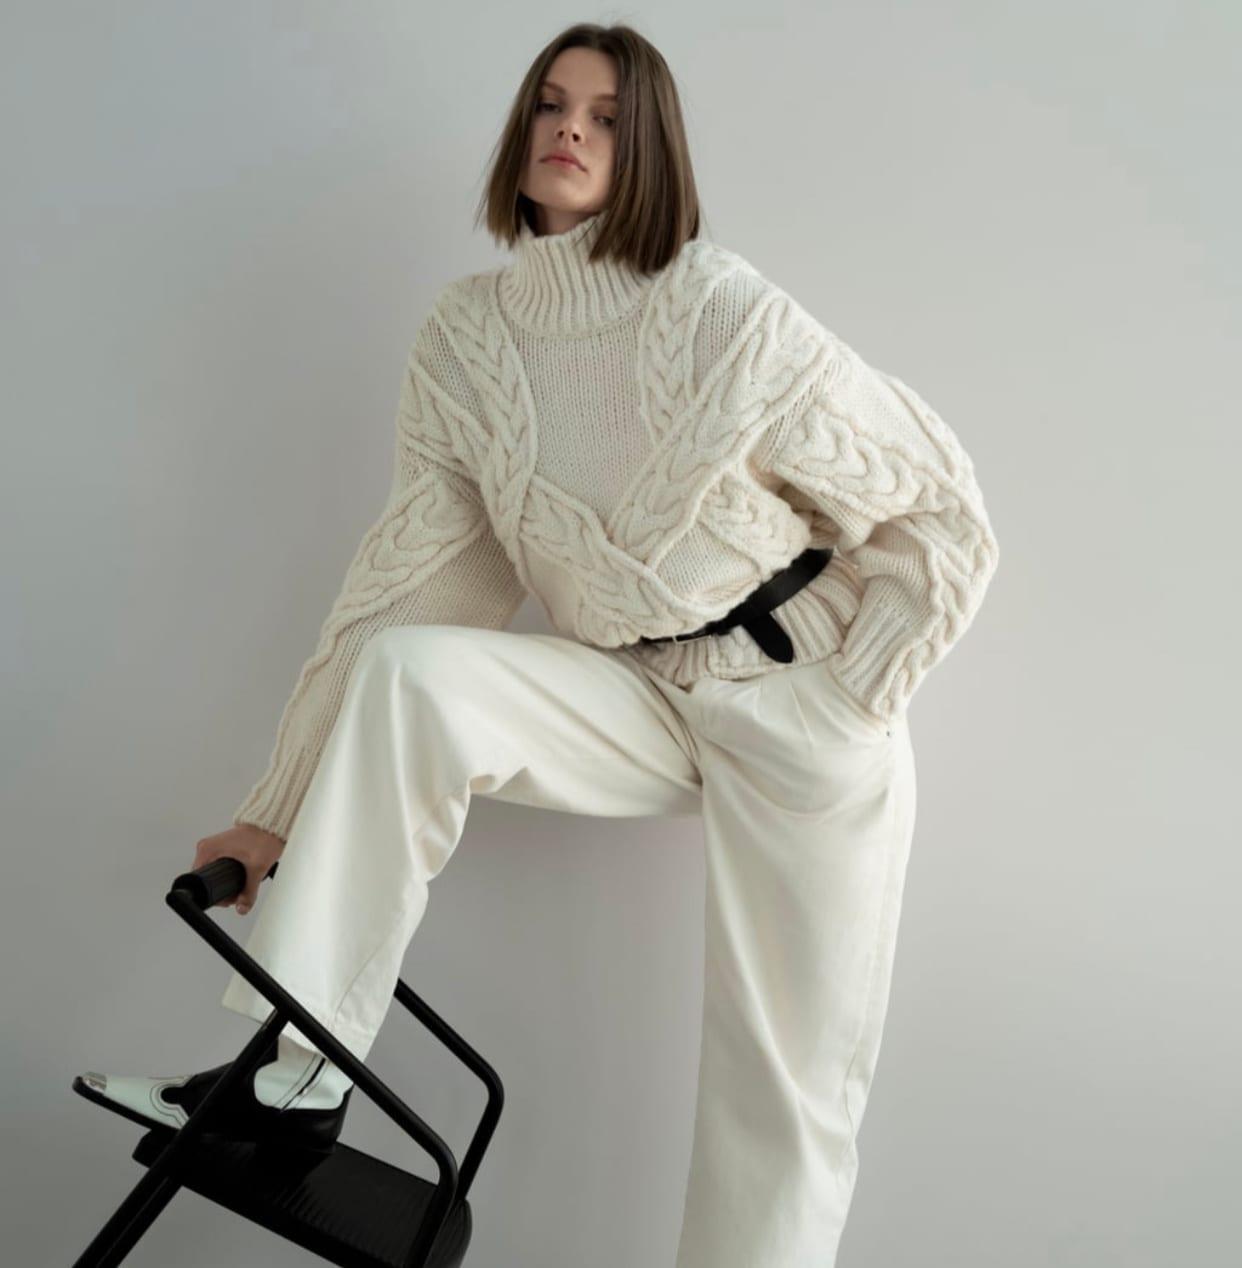 cosa comprare da zara autunno 2019, maglioni zara 2019, come vestirsi minimal chic